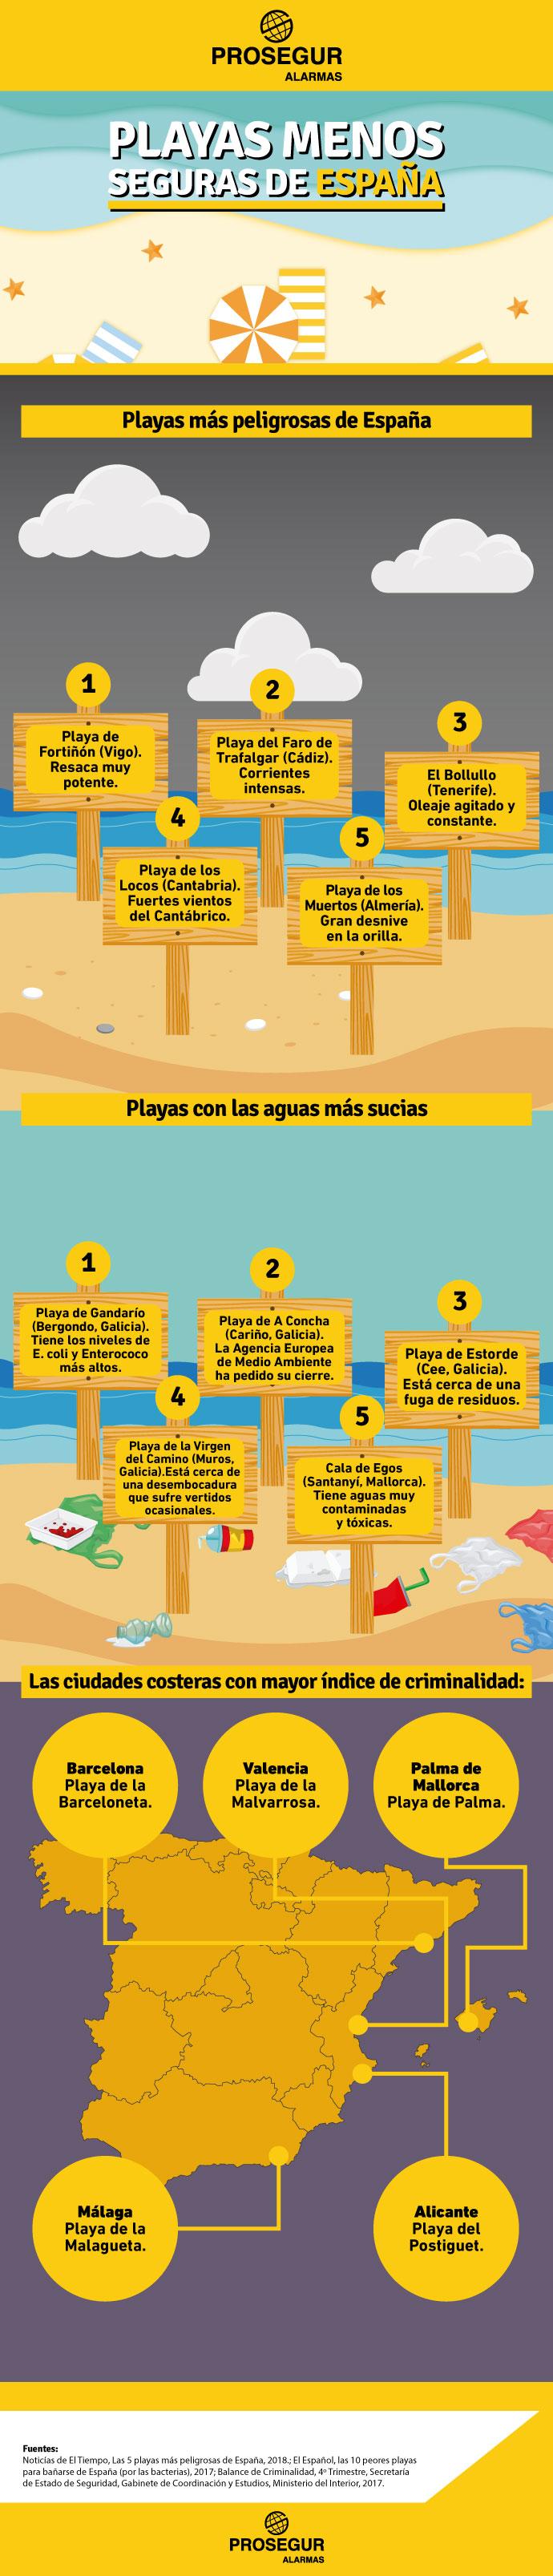 Playas más peligrosas de España